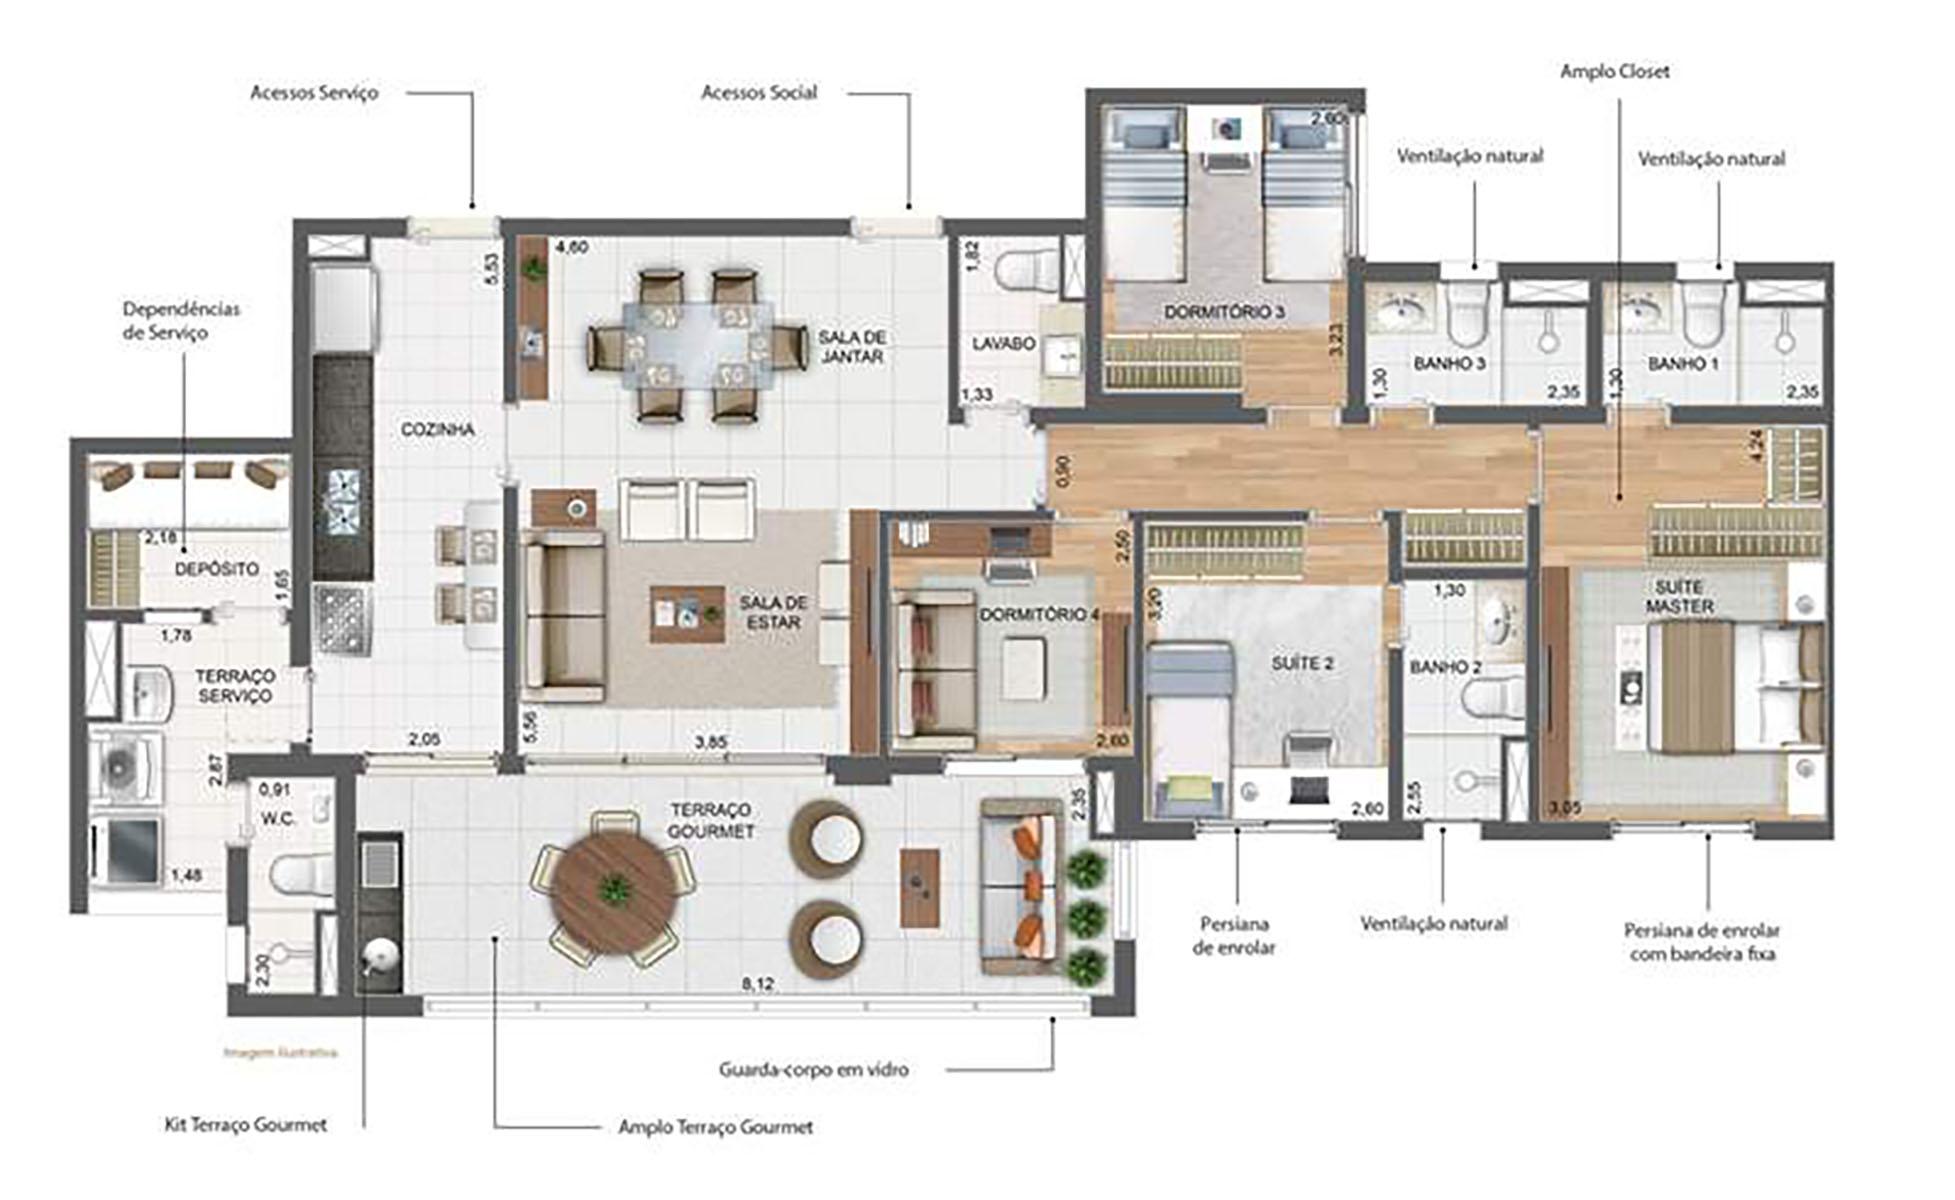 141 m² Padrão › NEW PARKER